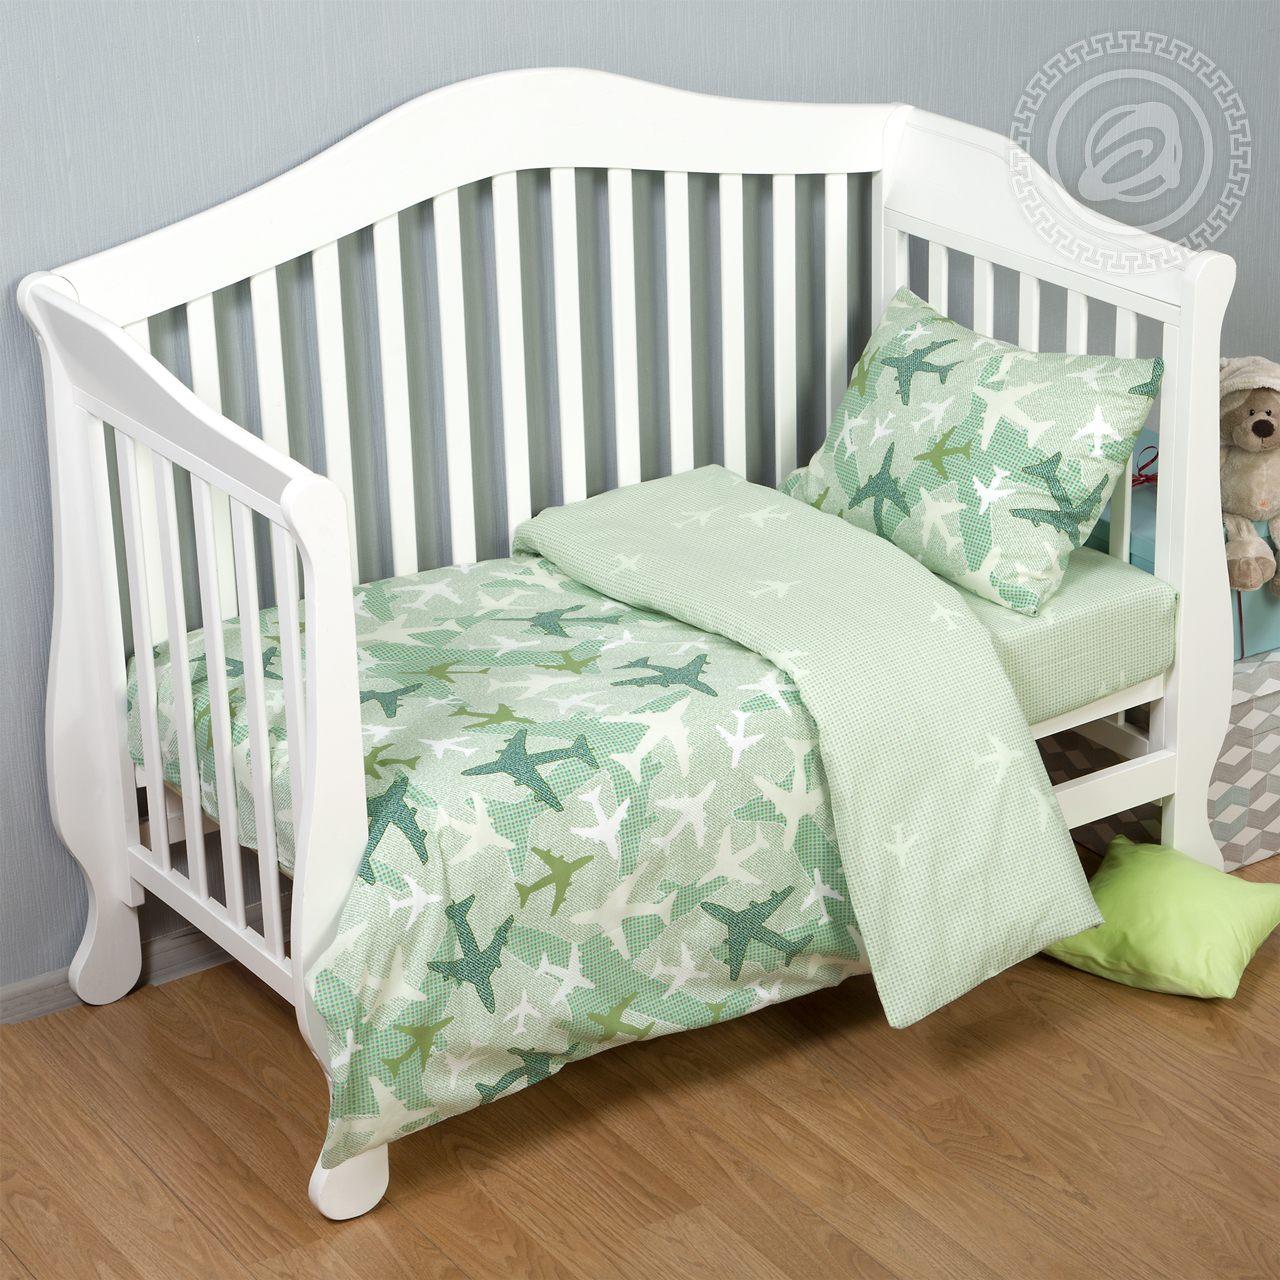 Детское Постельное белье Jada Цвет: Зеленый (112х147 см) фото